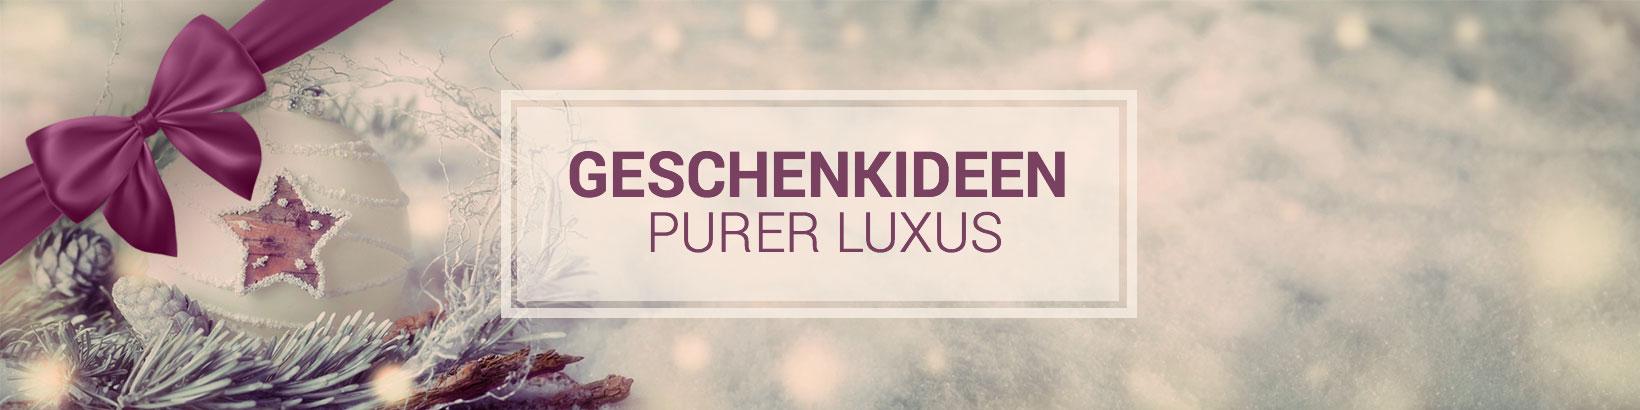 Visual-Weihnachent-Geschenke-Damen-Luxus-1640x410